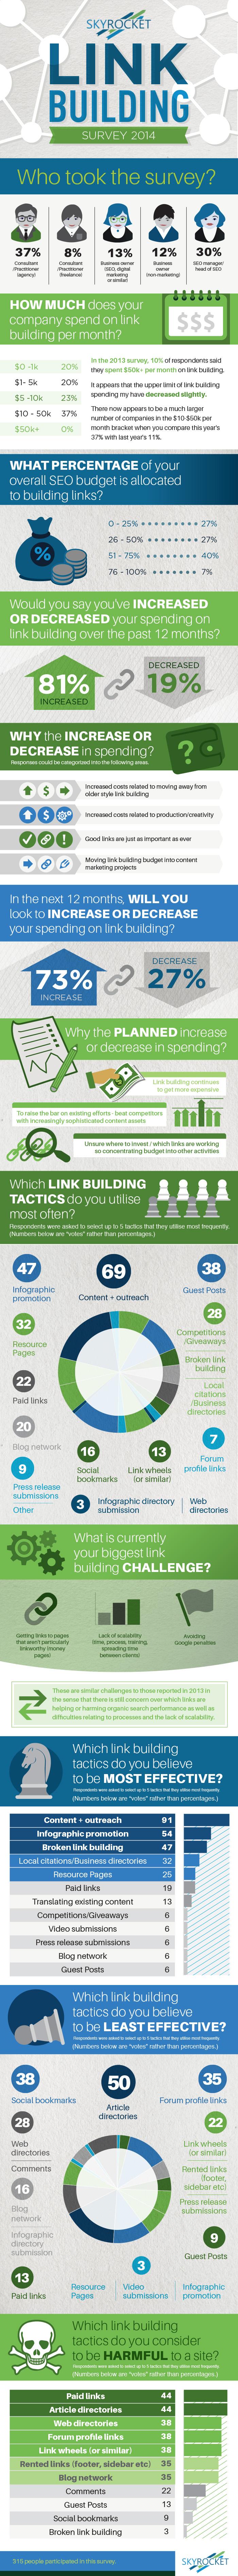 2014 link building survey